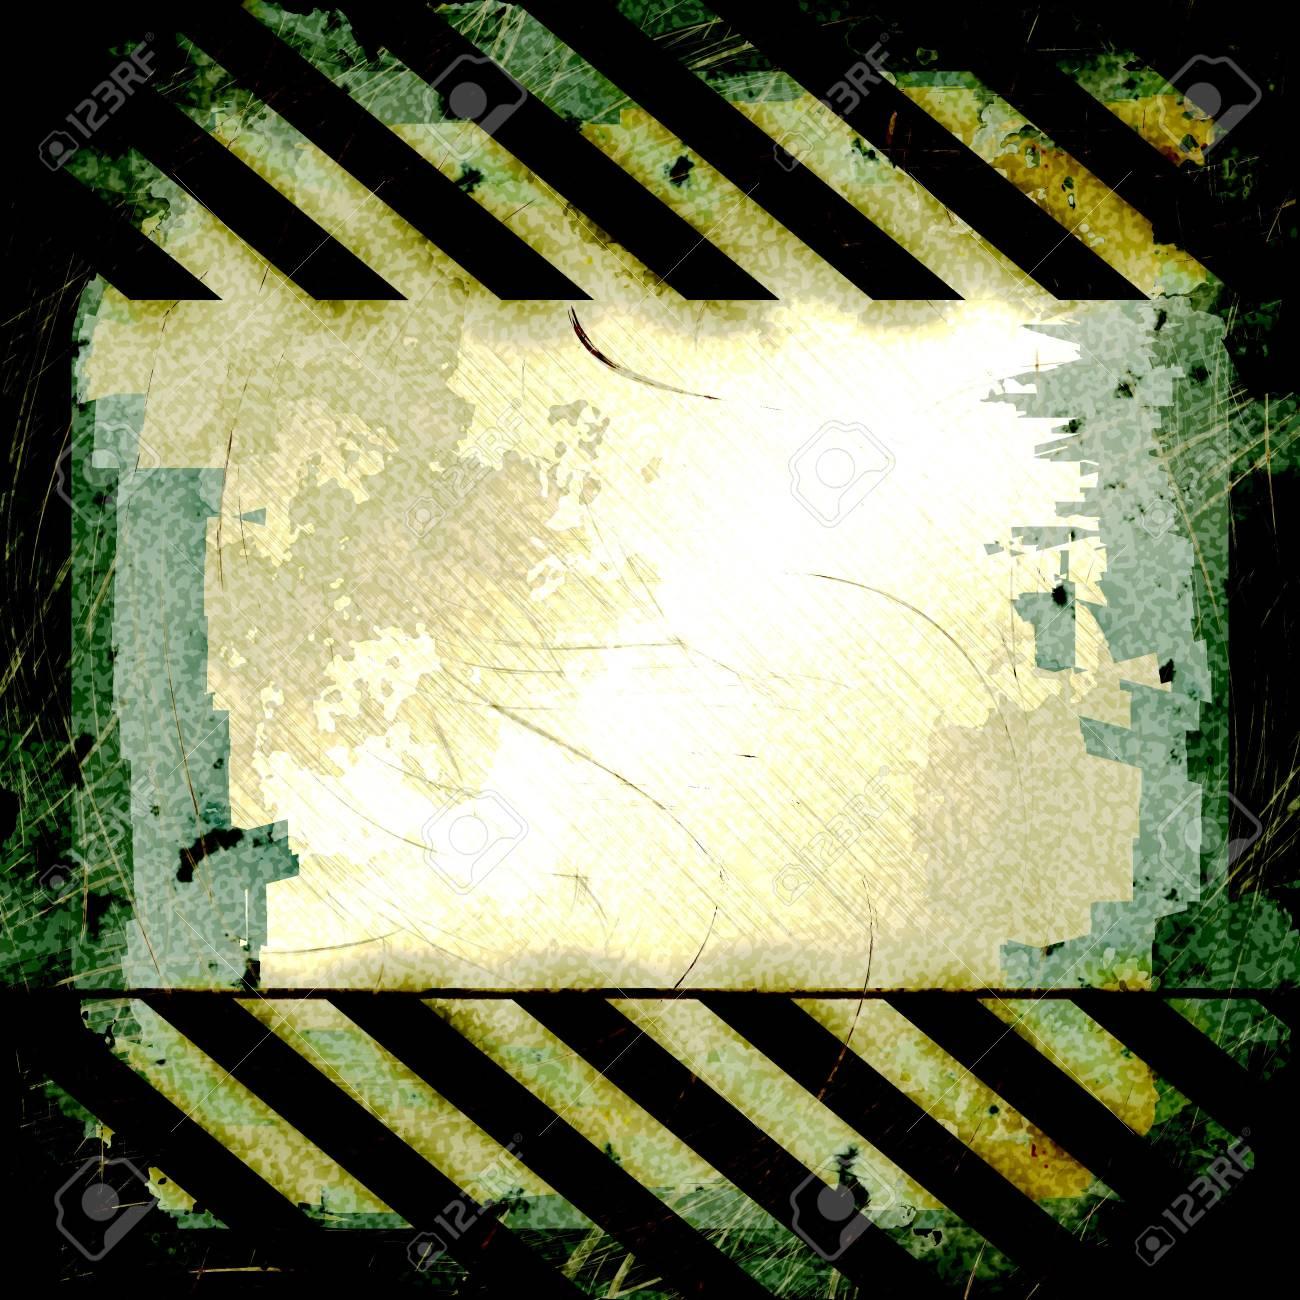 grunge background Stock Photo - 9344903